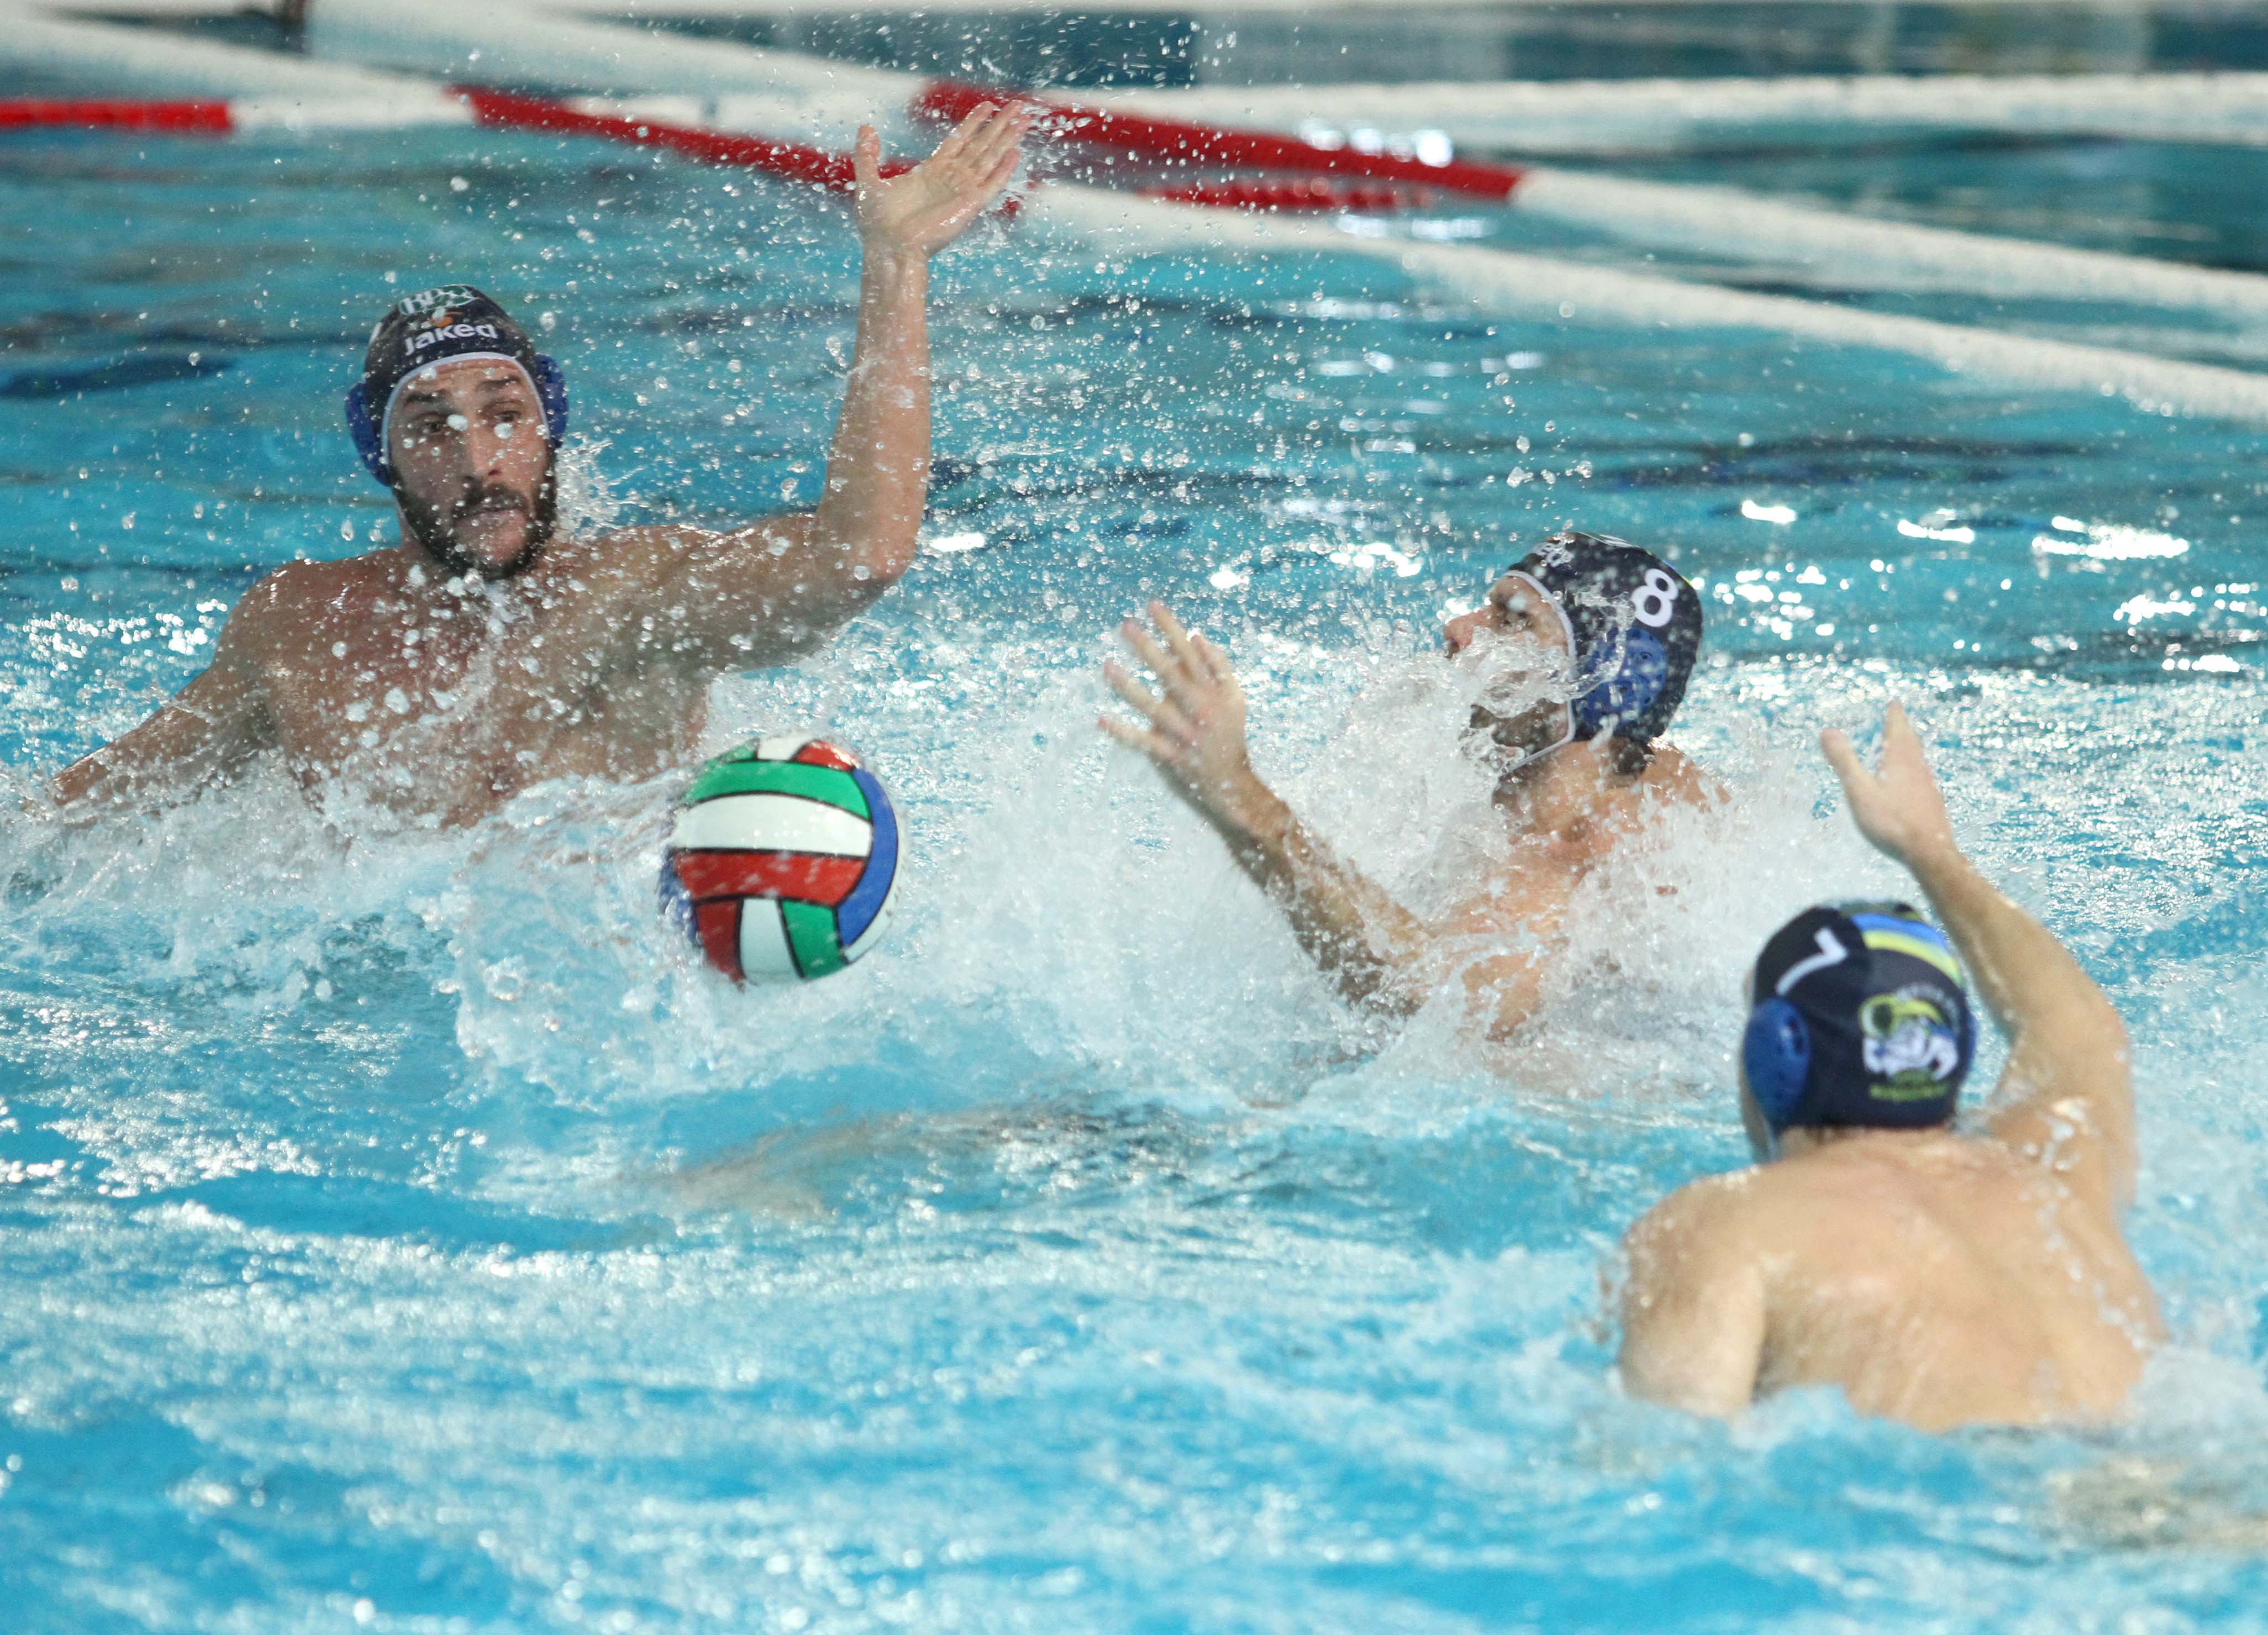 Canottieri e Sport Managament vincono le due semifinali, le aspettano Pro Recco e An Brescia (ore 15.30 e 17.00). Entrambe le sfide in diretta su Rai Sport e Rai Sport HD